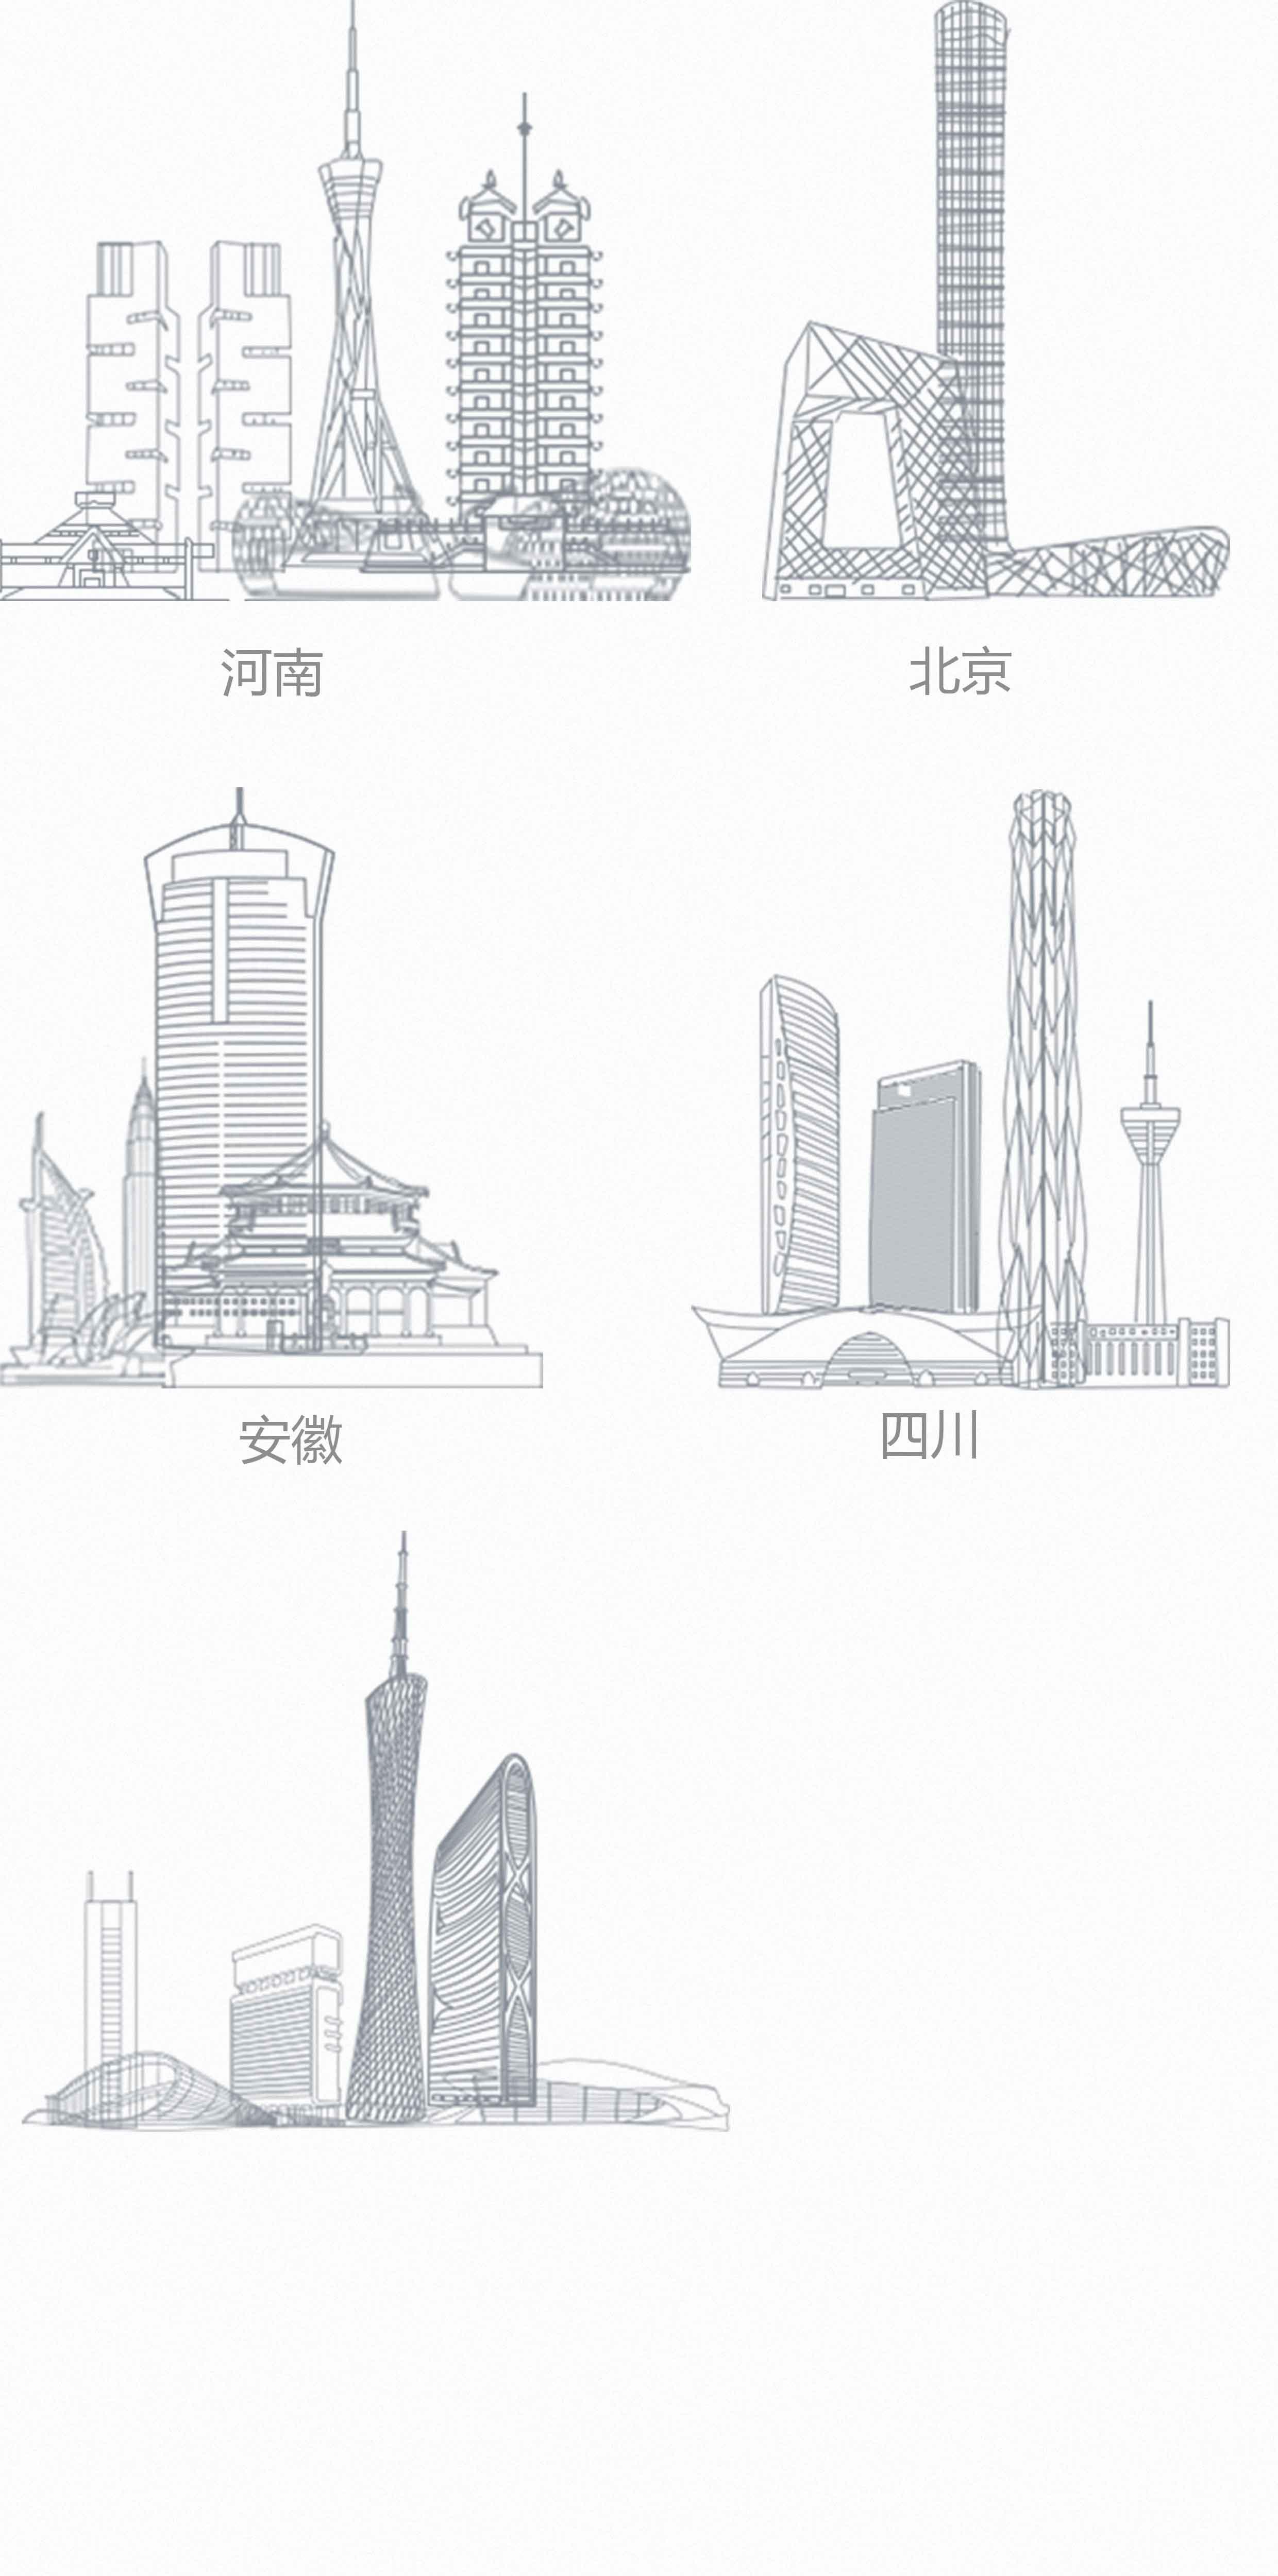 地区建筑物